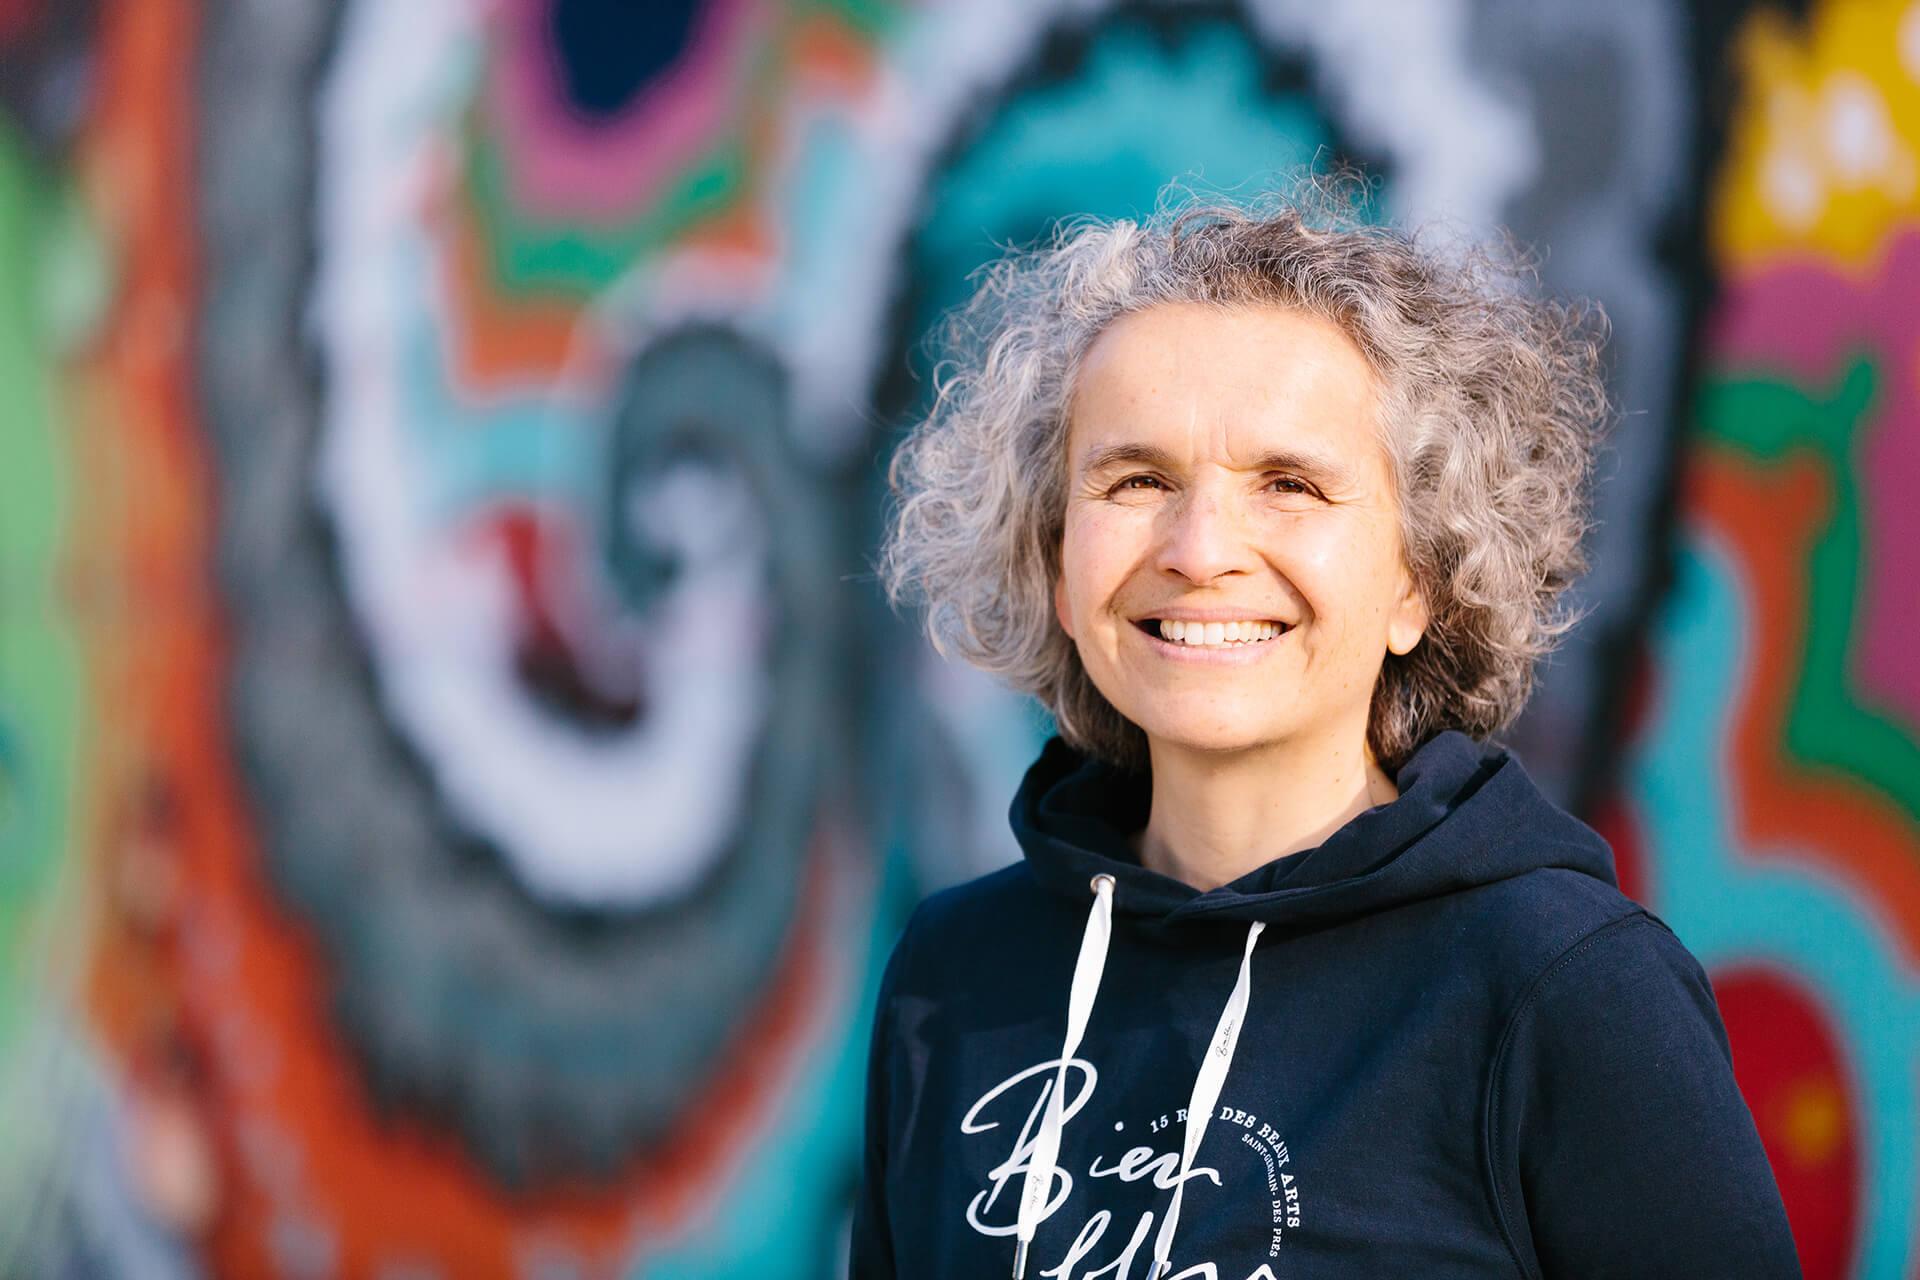 Noëlla op een missie om vrouwelijk ondernemerschap verder te brengen